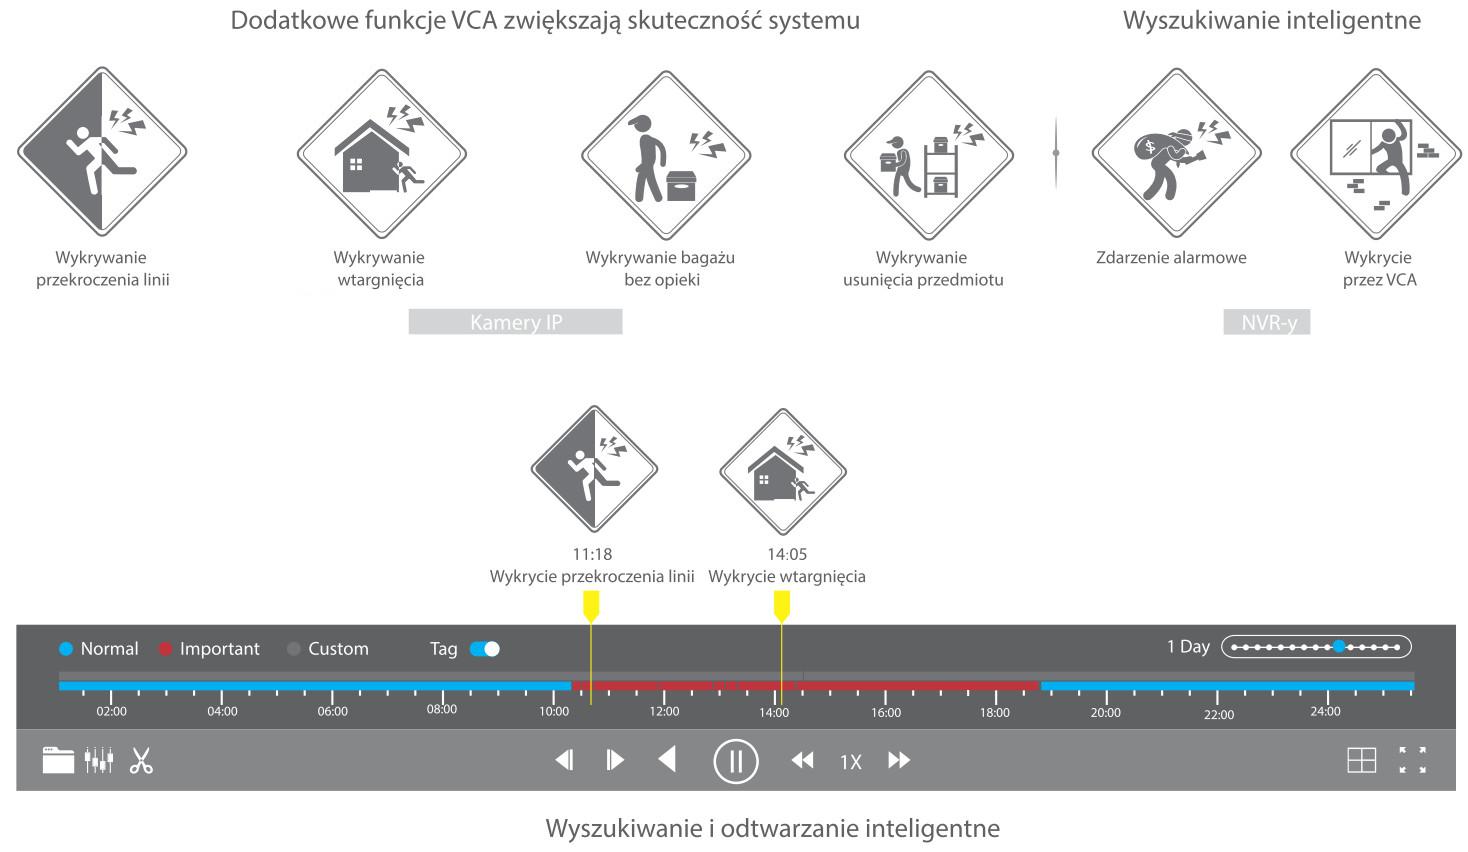 Funkcje inteligentnej analizy obrazu VCA.